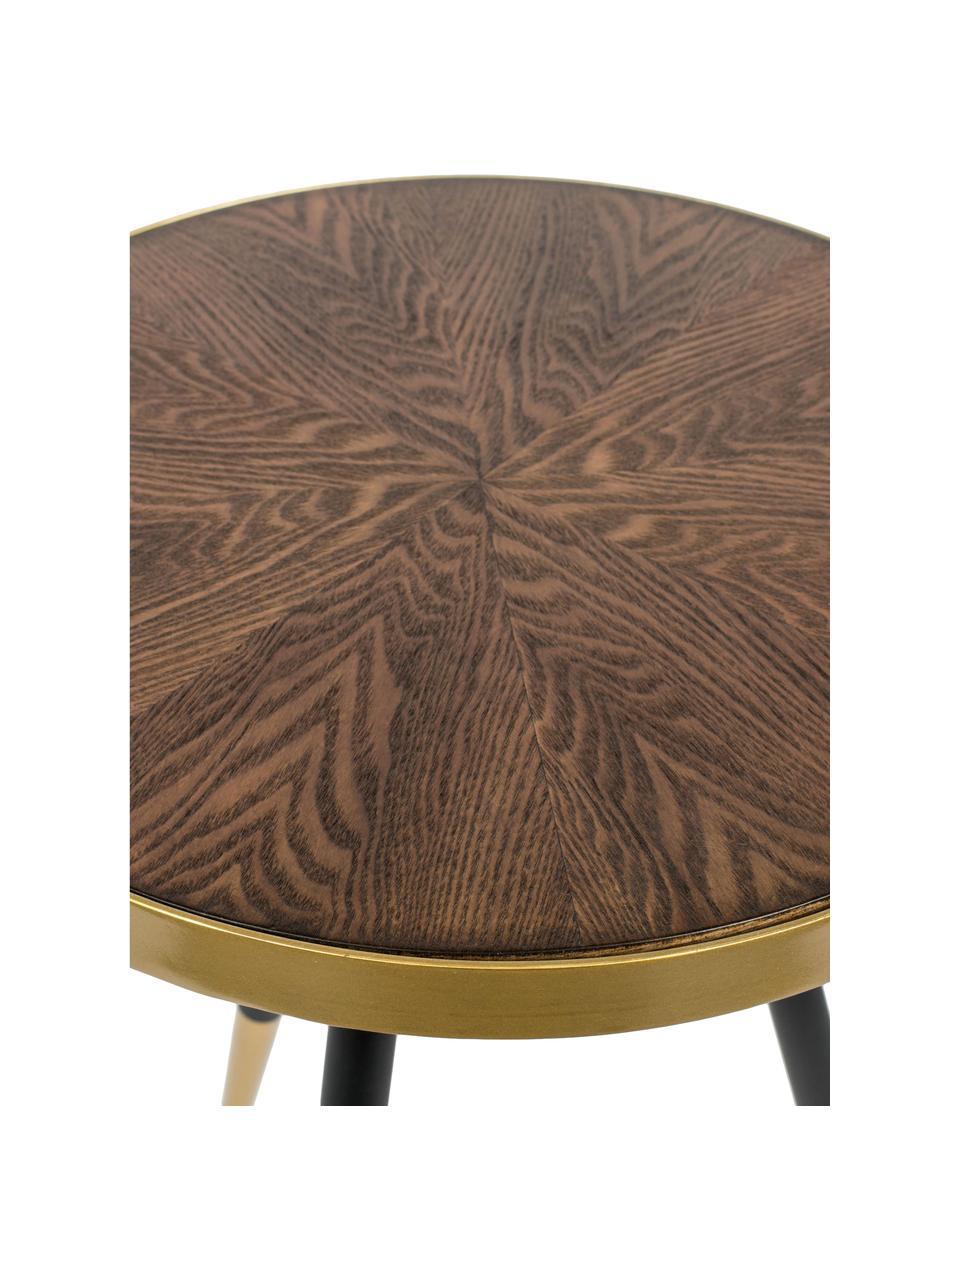 Runder Beistelltisch Denise, Tischplatte: Mitteldichte Holzfaserpla, Eschenholz, Goldfarben, Ø 45 x H 45 cm